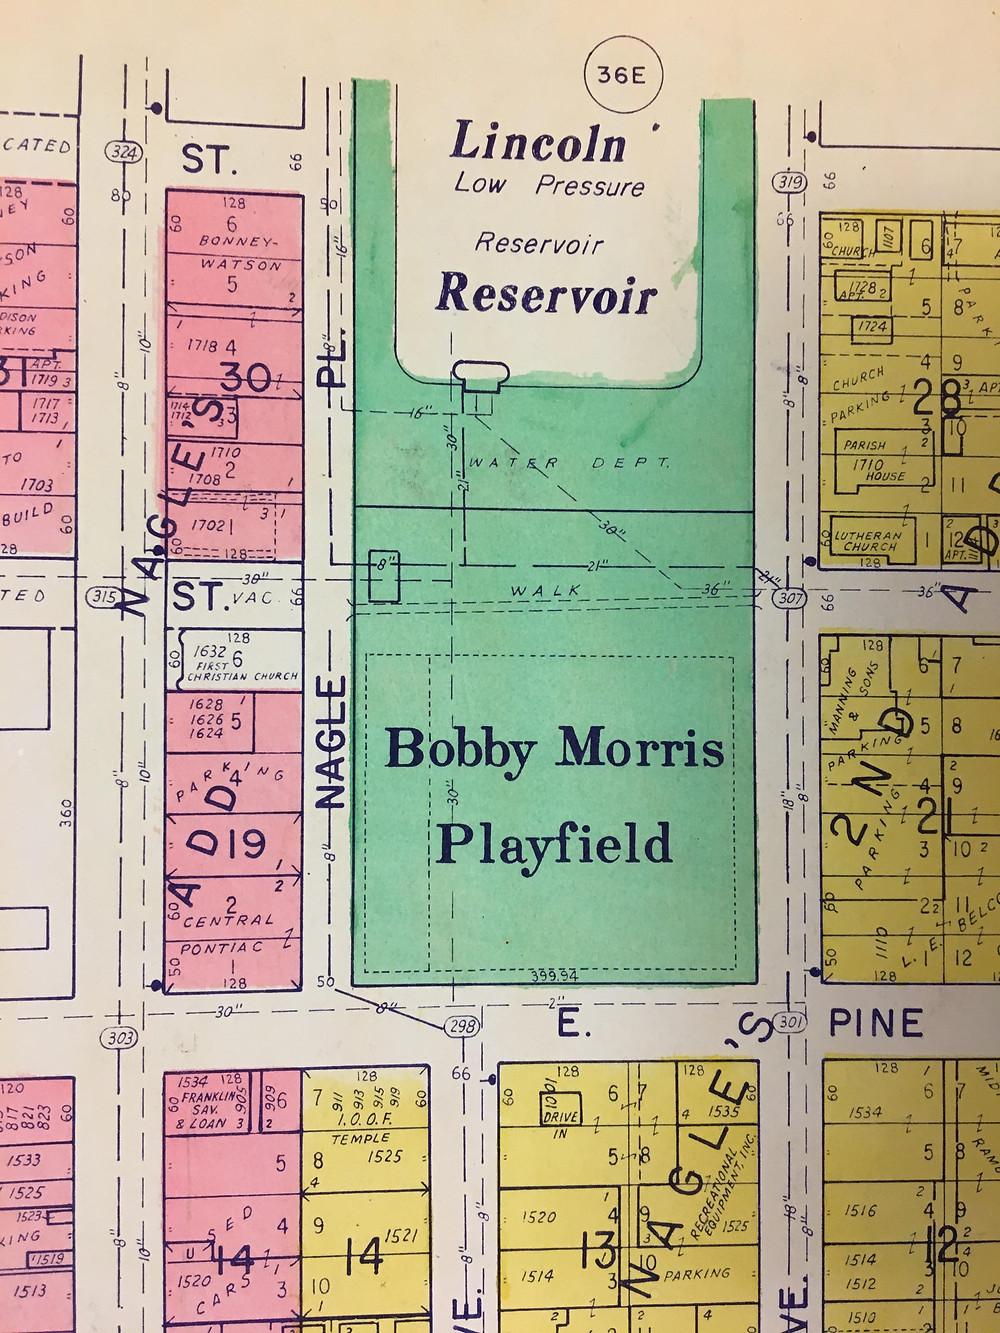 Kroll Map book from SPU Eng Vault, updated through 1980s